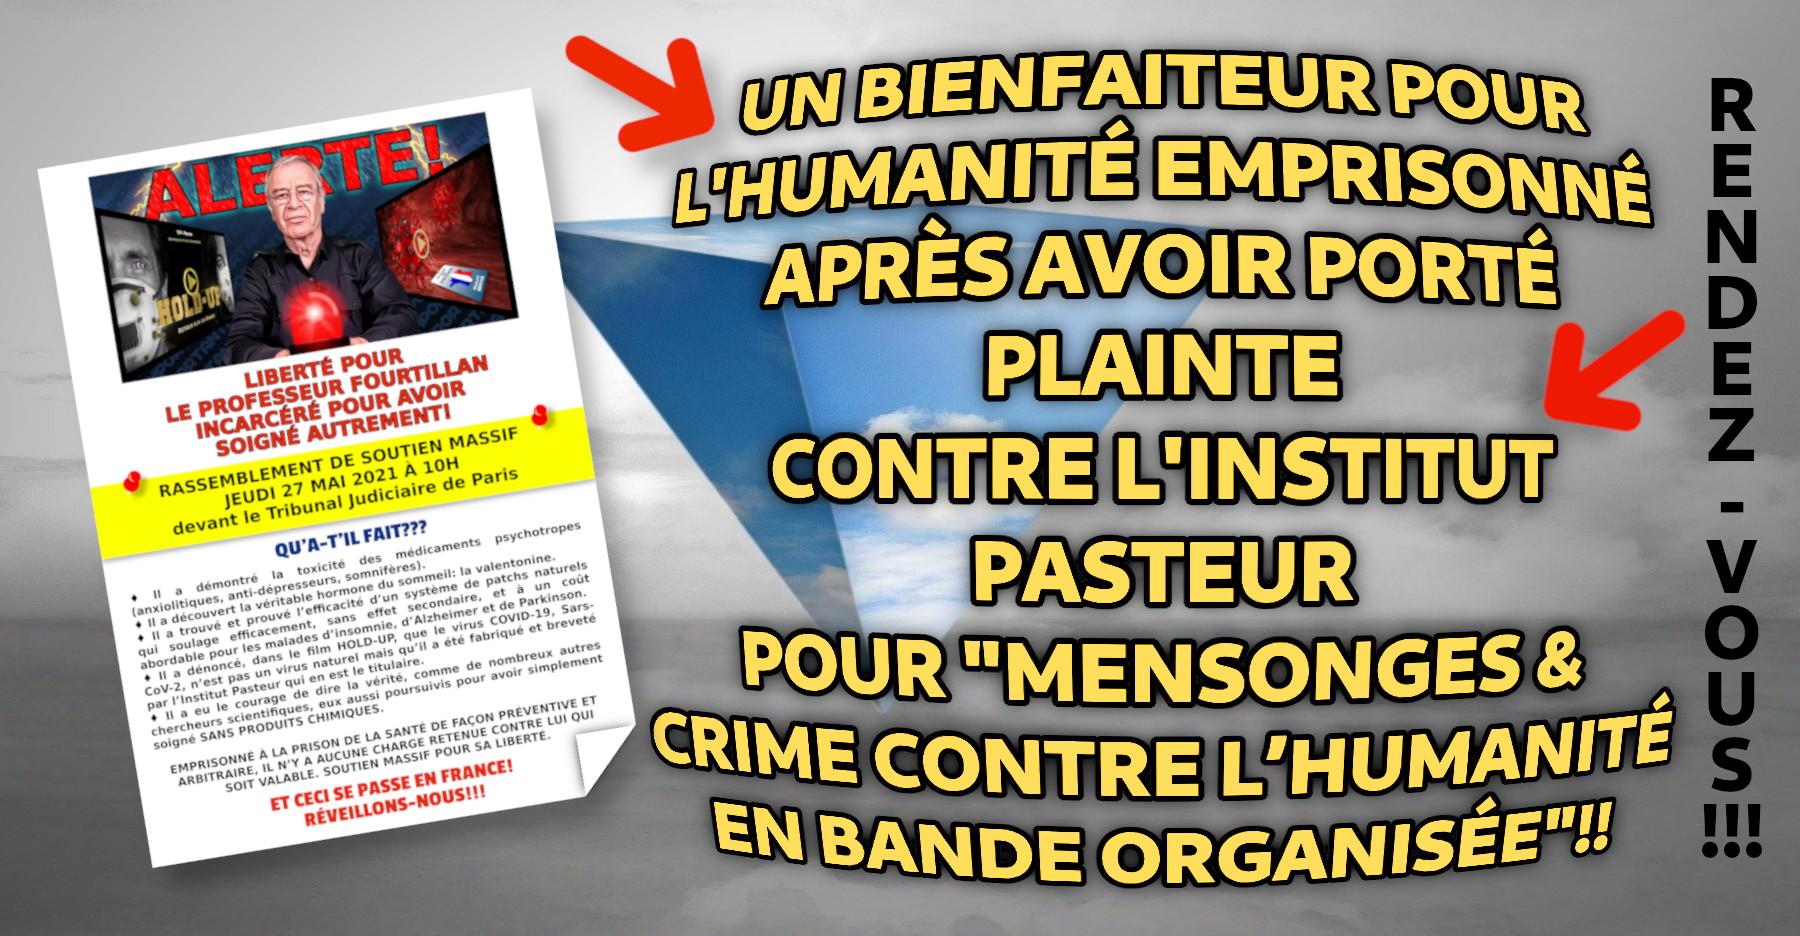 Bienfaiteur pour l'humanité, Jean Bernard Fourtillan est actuellement emprisonné APRÈS AVOIR PORTÉ PLAINTE CONTRE PASTEUR..